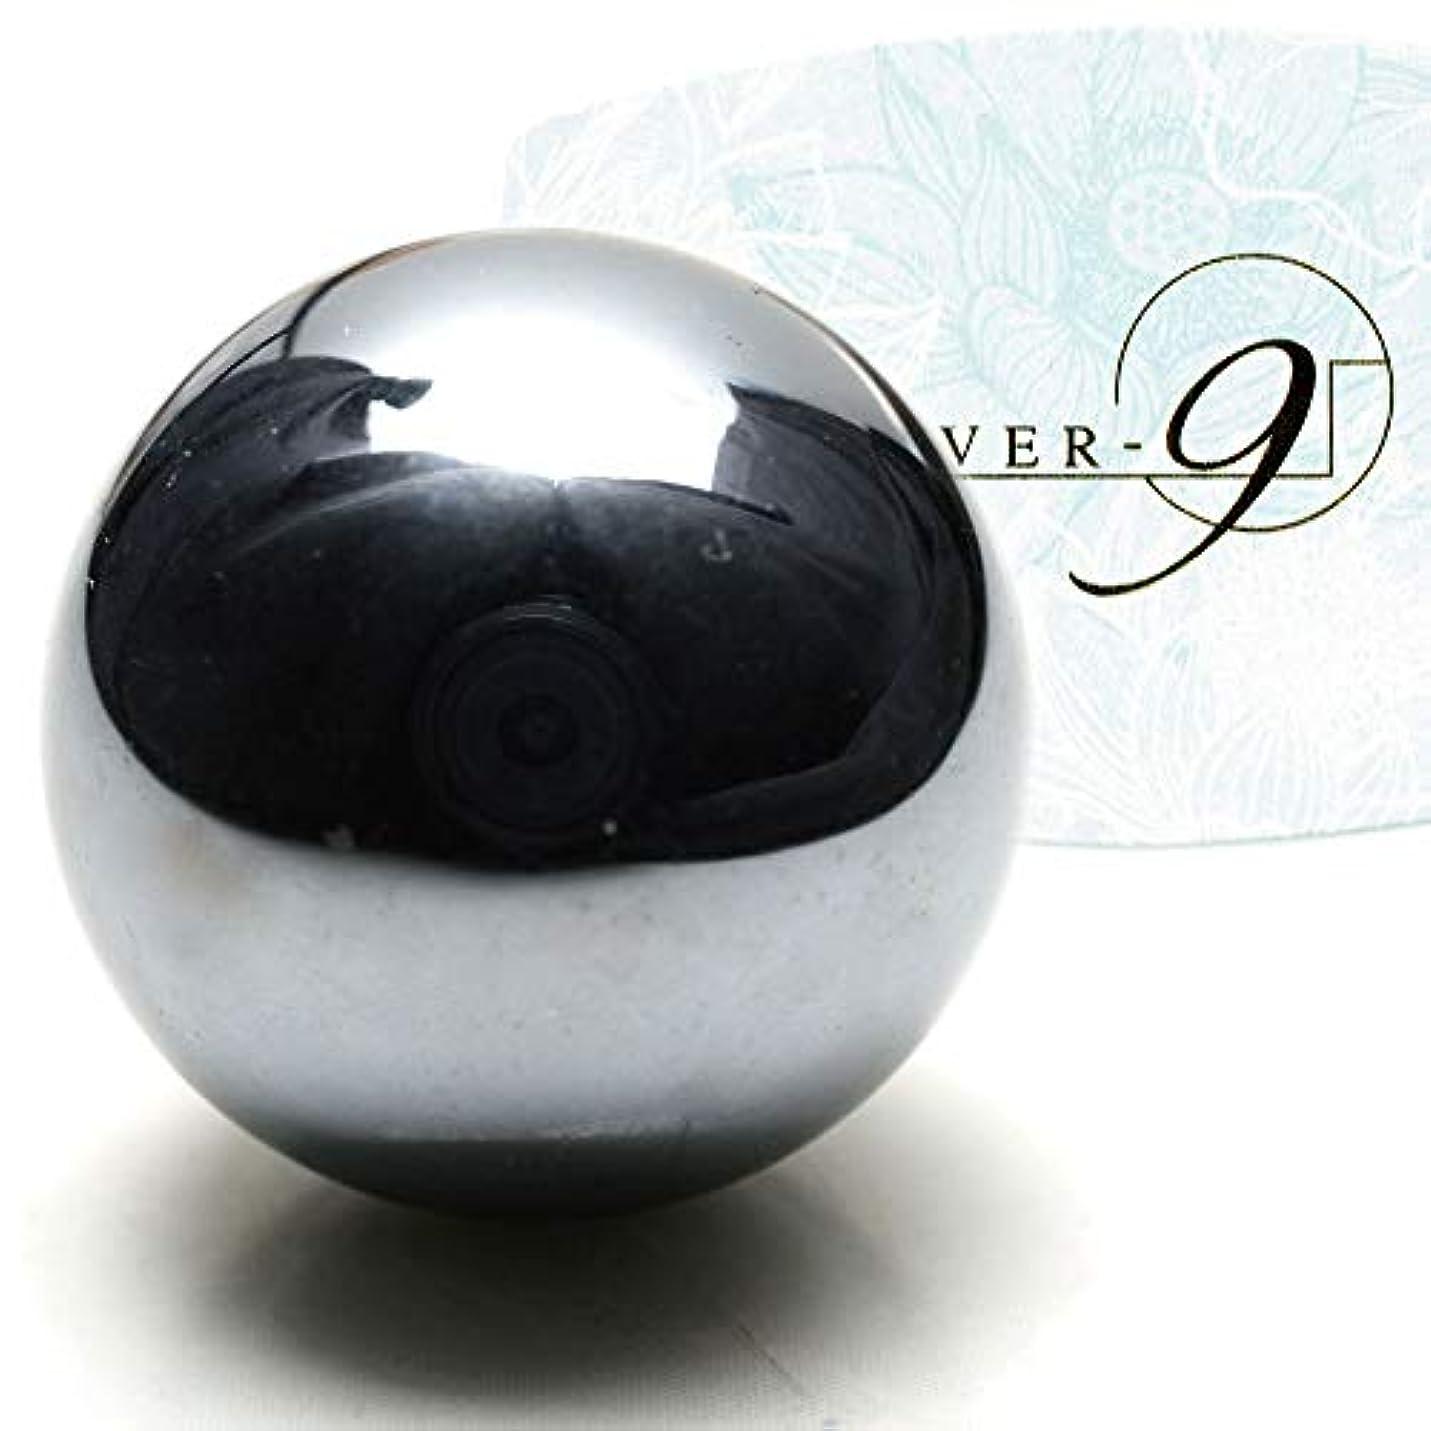 苦情文句部族池テラヘルツ ボール 20mm 丸玉 マッサージボール 公的機関にて検査済み!パワーストーン 天然石 健康 美容 美顔 かっさ グッズ